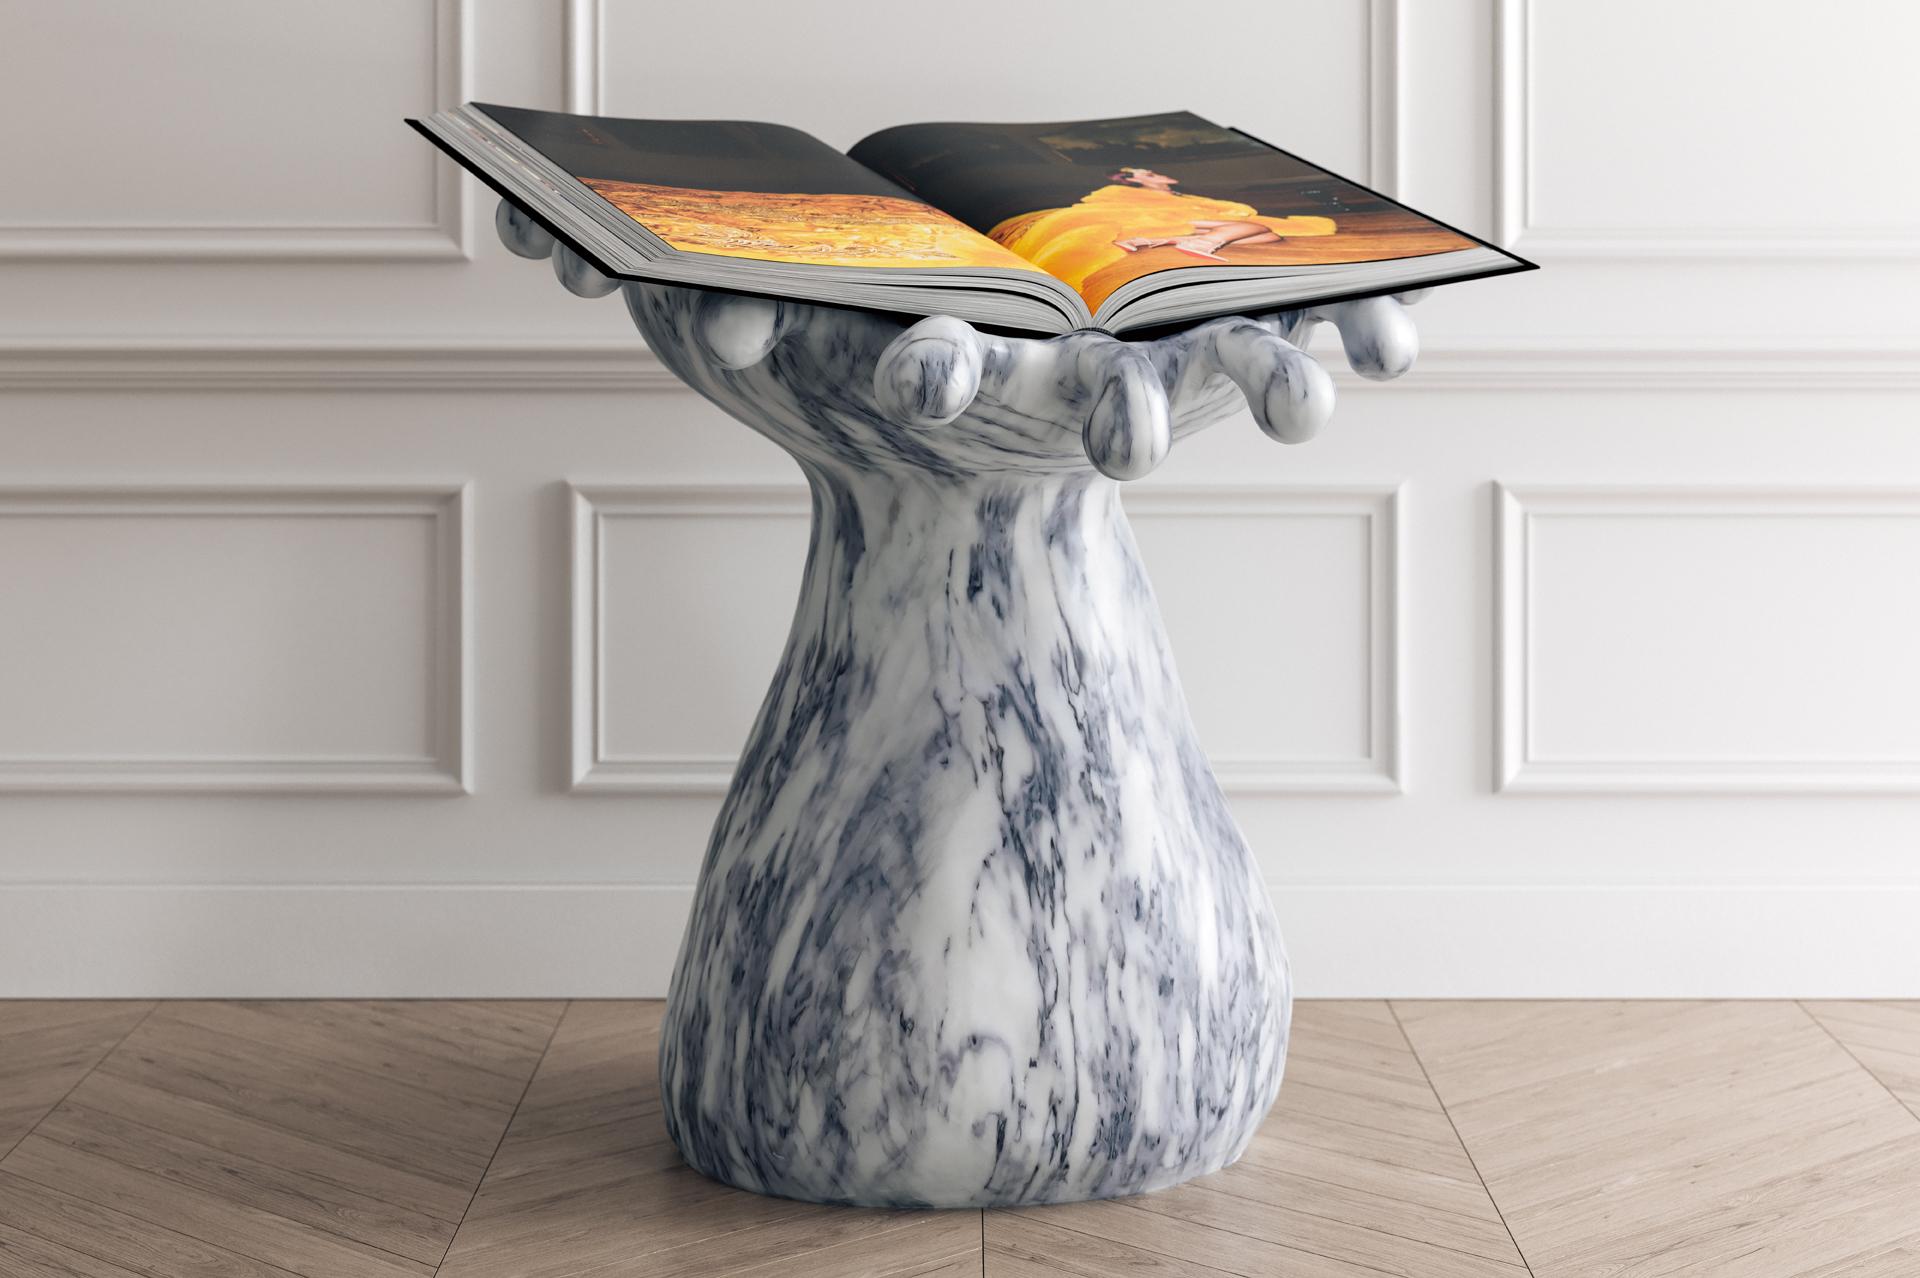 Stoner, l'edizione di lusso dell'autobiografia di Rihanna per Phaidon, che include un piedistallo di marmo realizzato scolpito a mano, progettato dal duo artistico The Haas Brothers